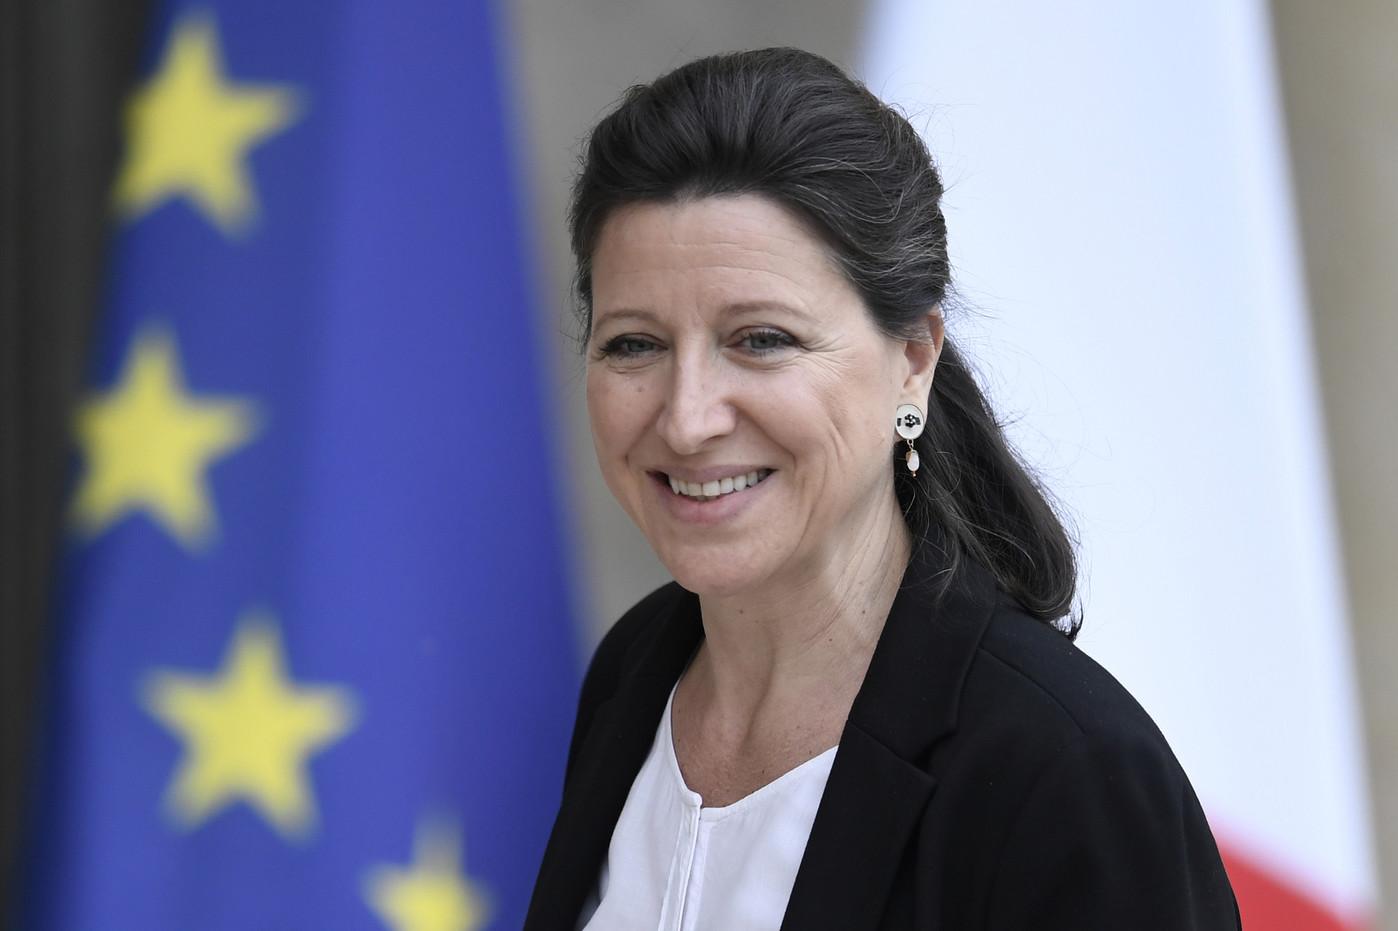 Nommee-portefeuille-sante-Agnes-Buzyn-retrouve-ministre-tutelle-dirige-lInserm_0_1398_931